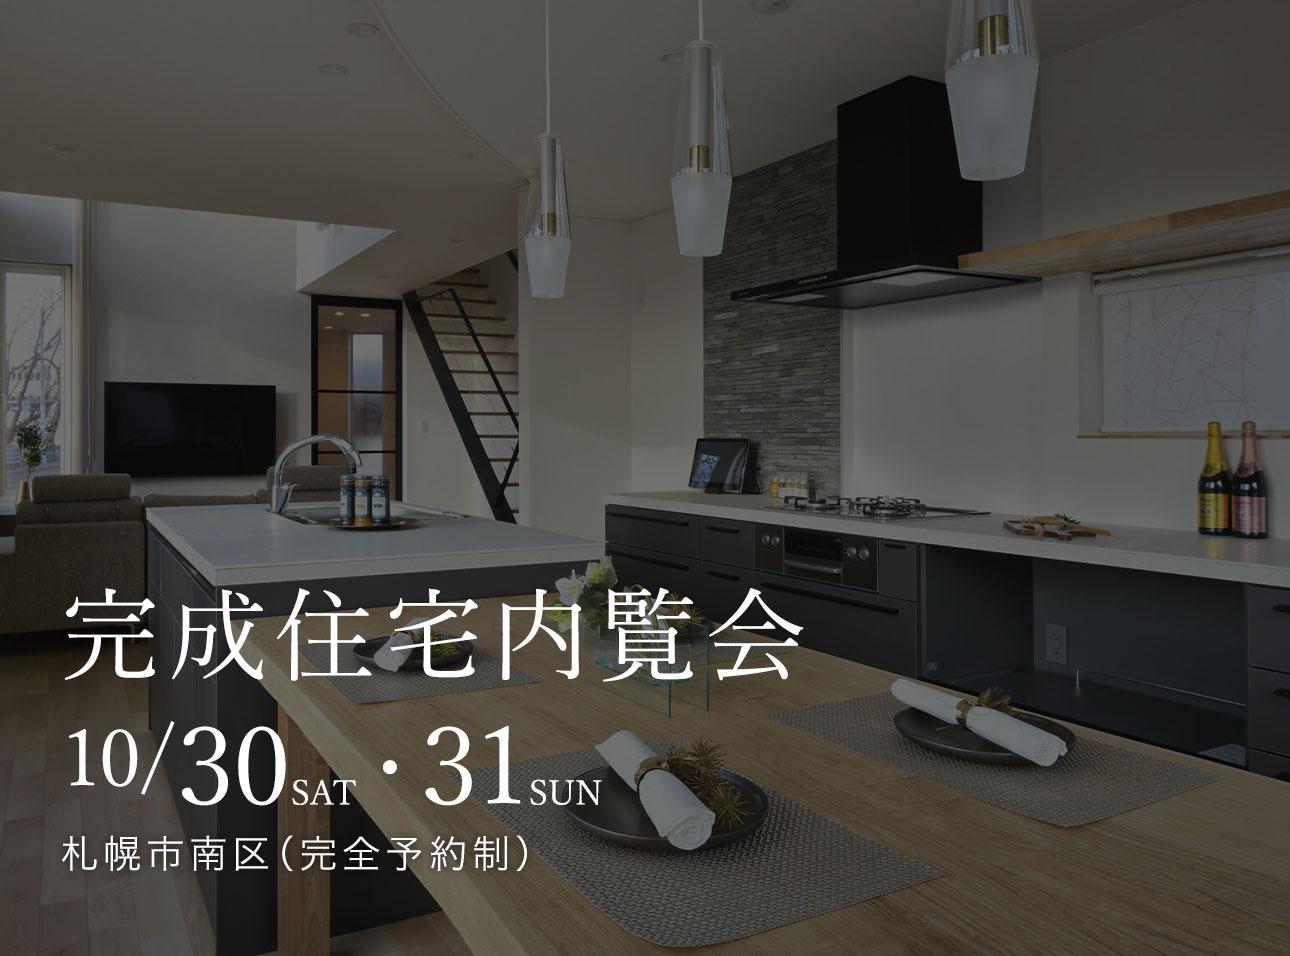 10/30-10/31完成住宅内覧会